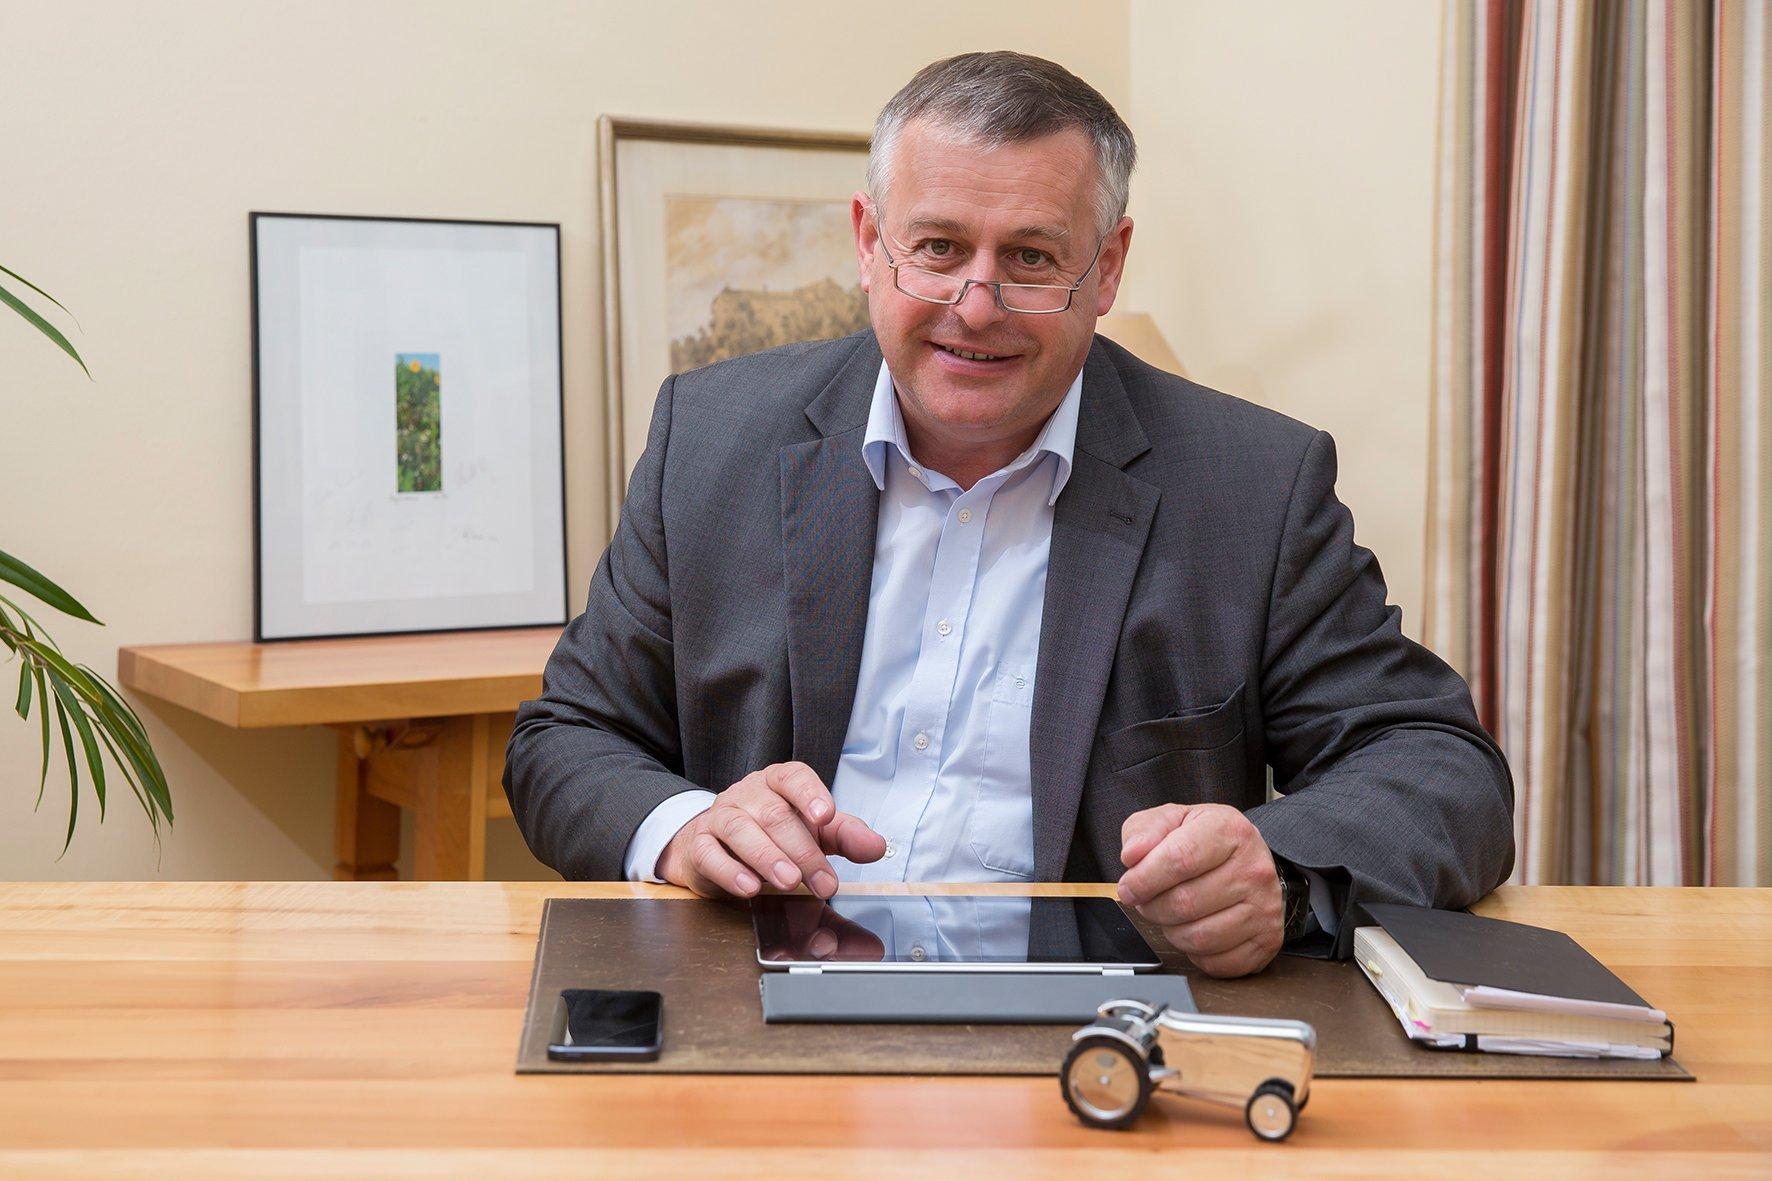 Foto von Walter Heidl an seinem Schreibtisch. Vor ihm liegt ein Tablet, ein Smartphone und ein Buch.